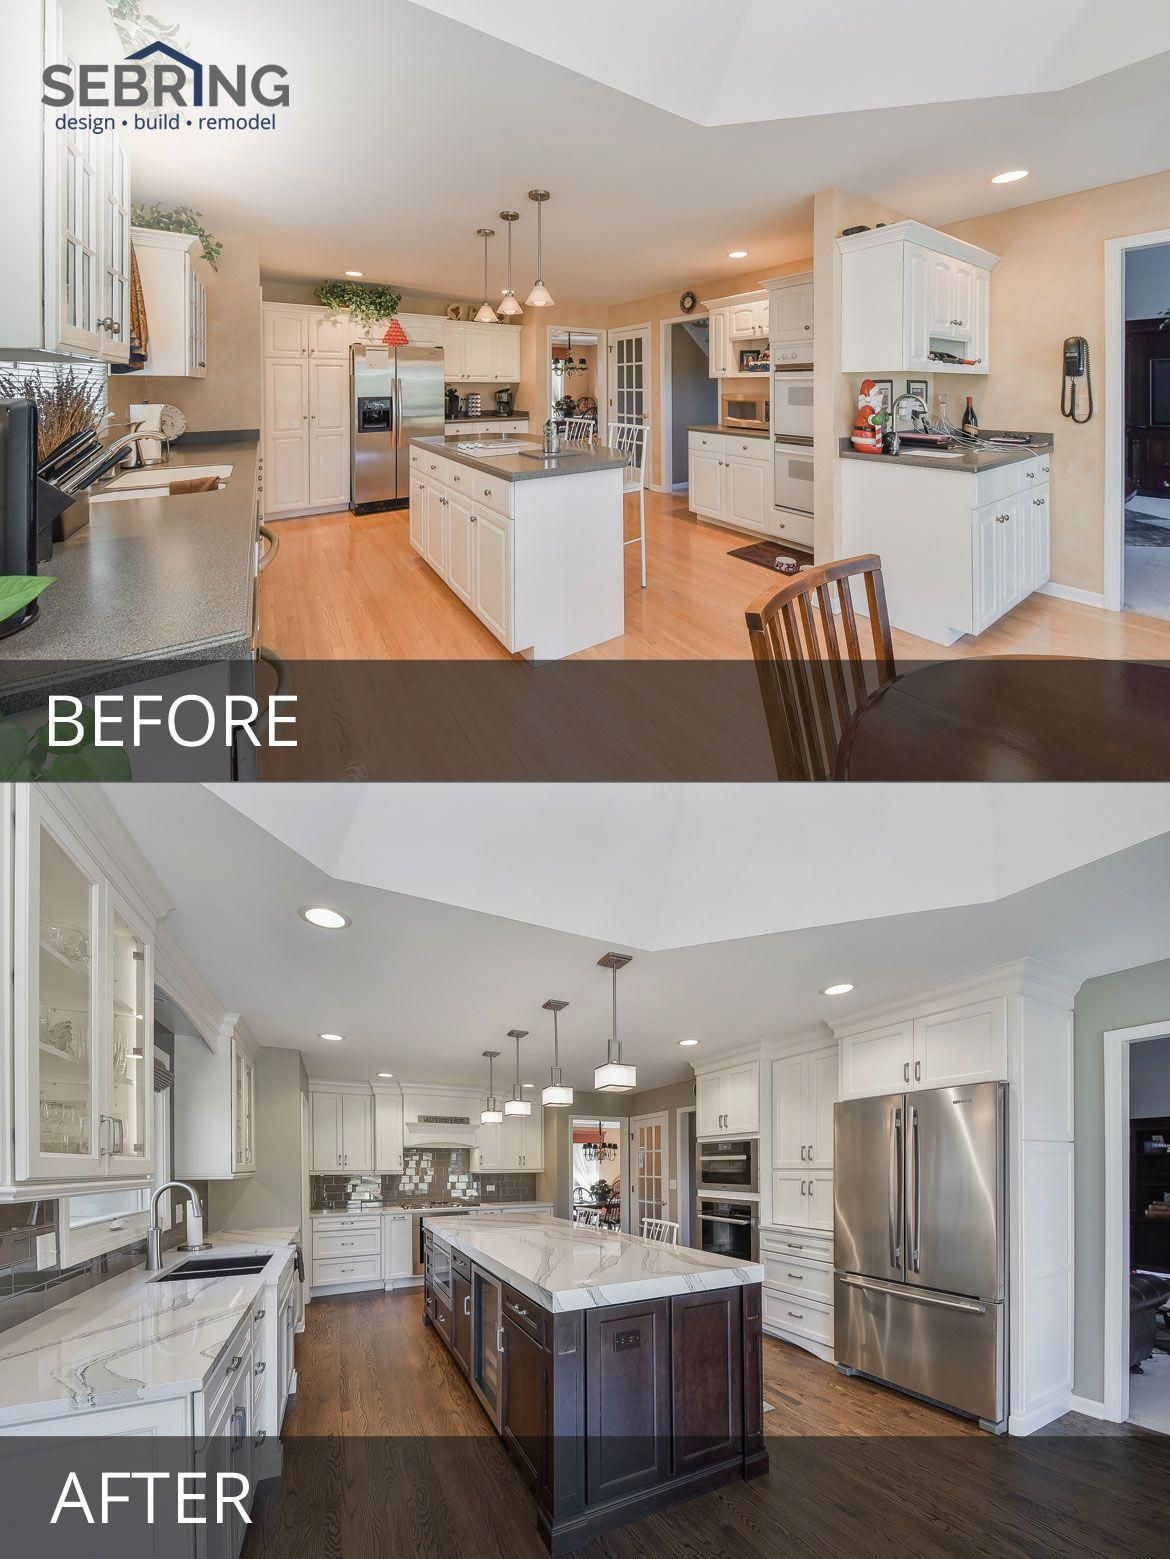 Naperville Kitchen Remodeling Before And After Pictures Sebring Design Build Remodelingbeforeandafter Home Remodeling